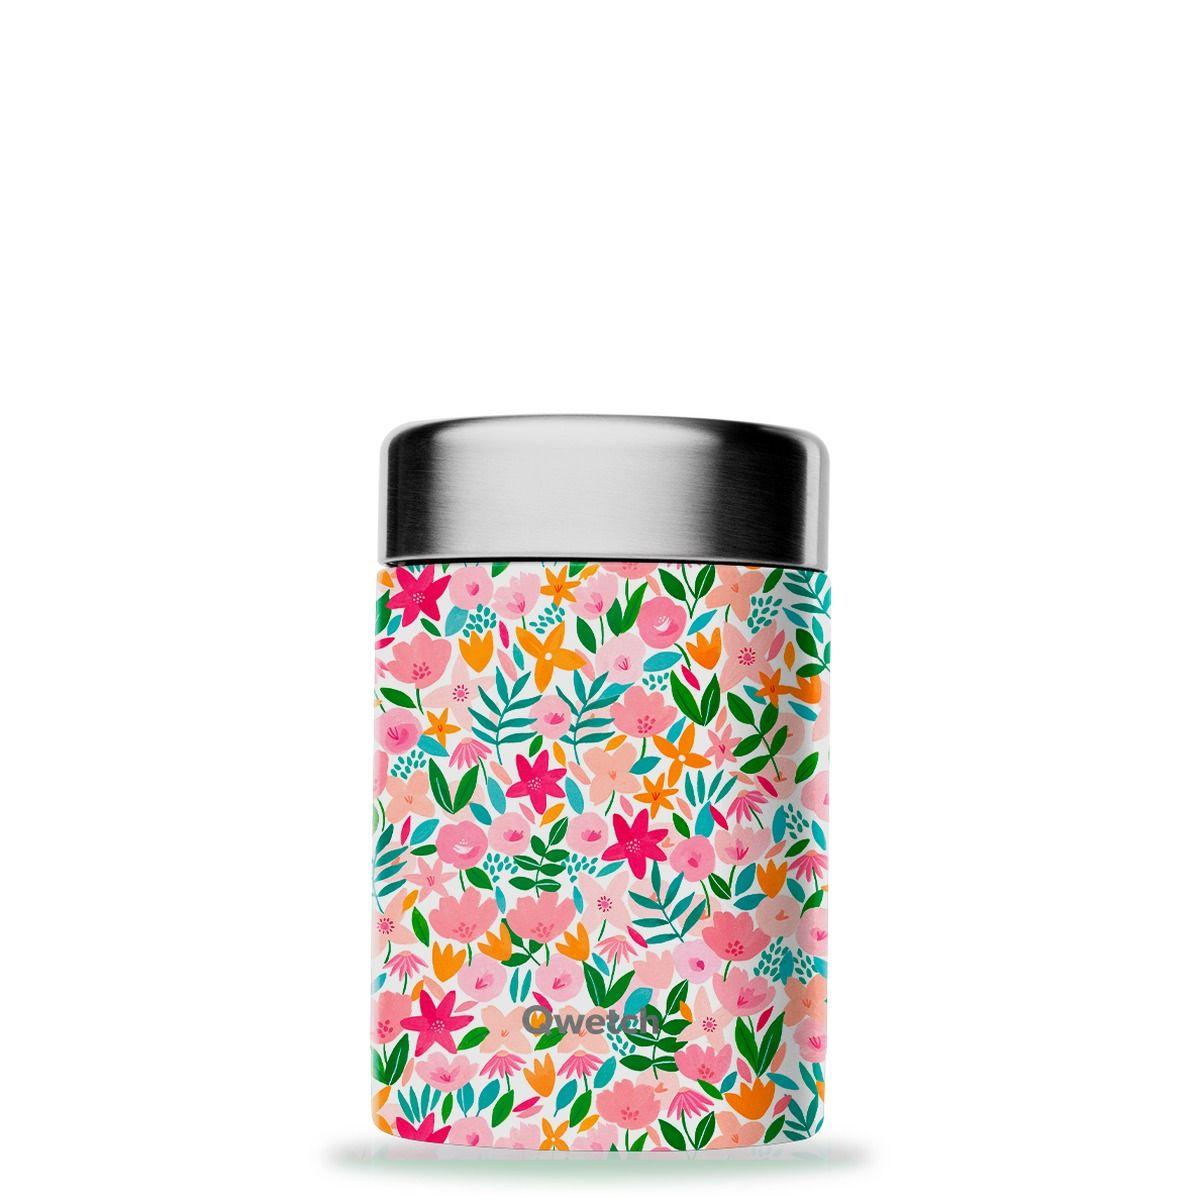 Boîte repas et soupe en inox Flora 650ml - Qwetch